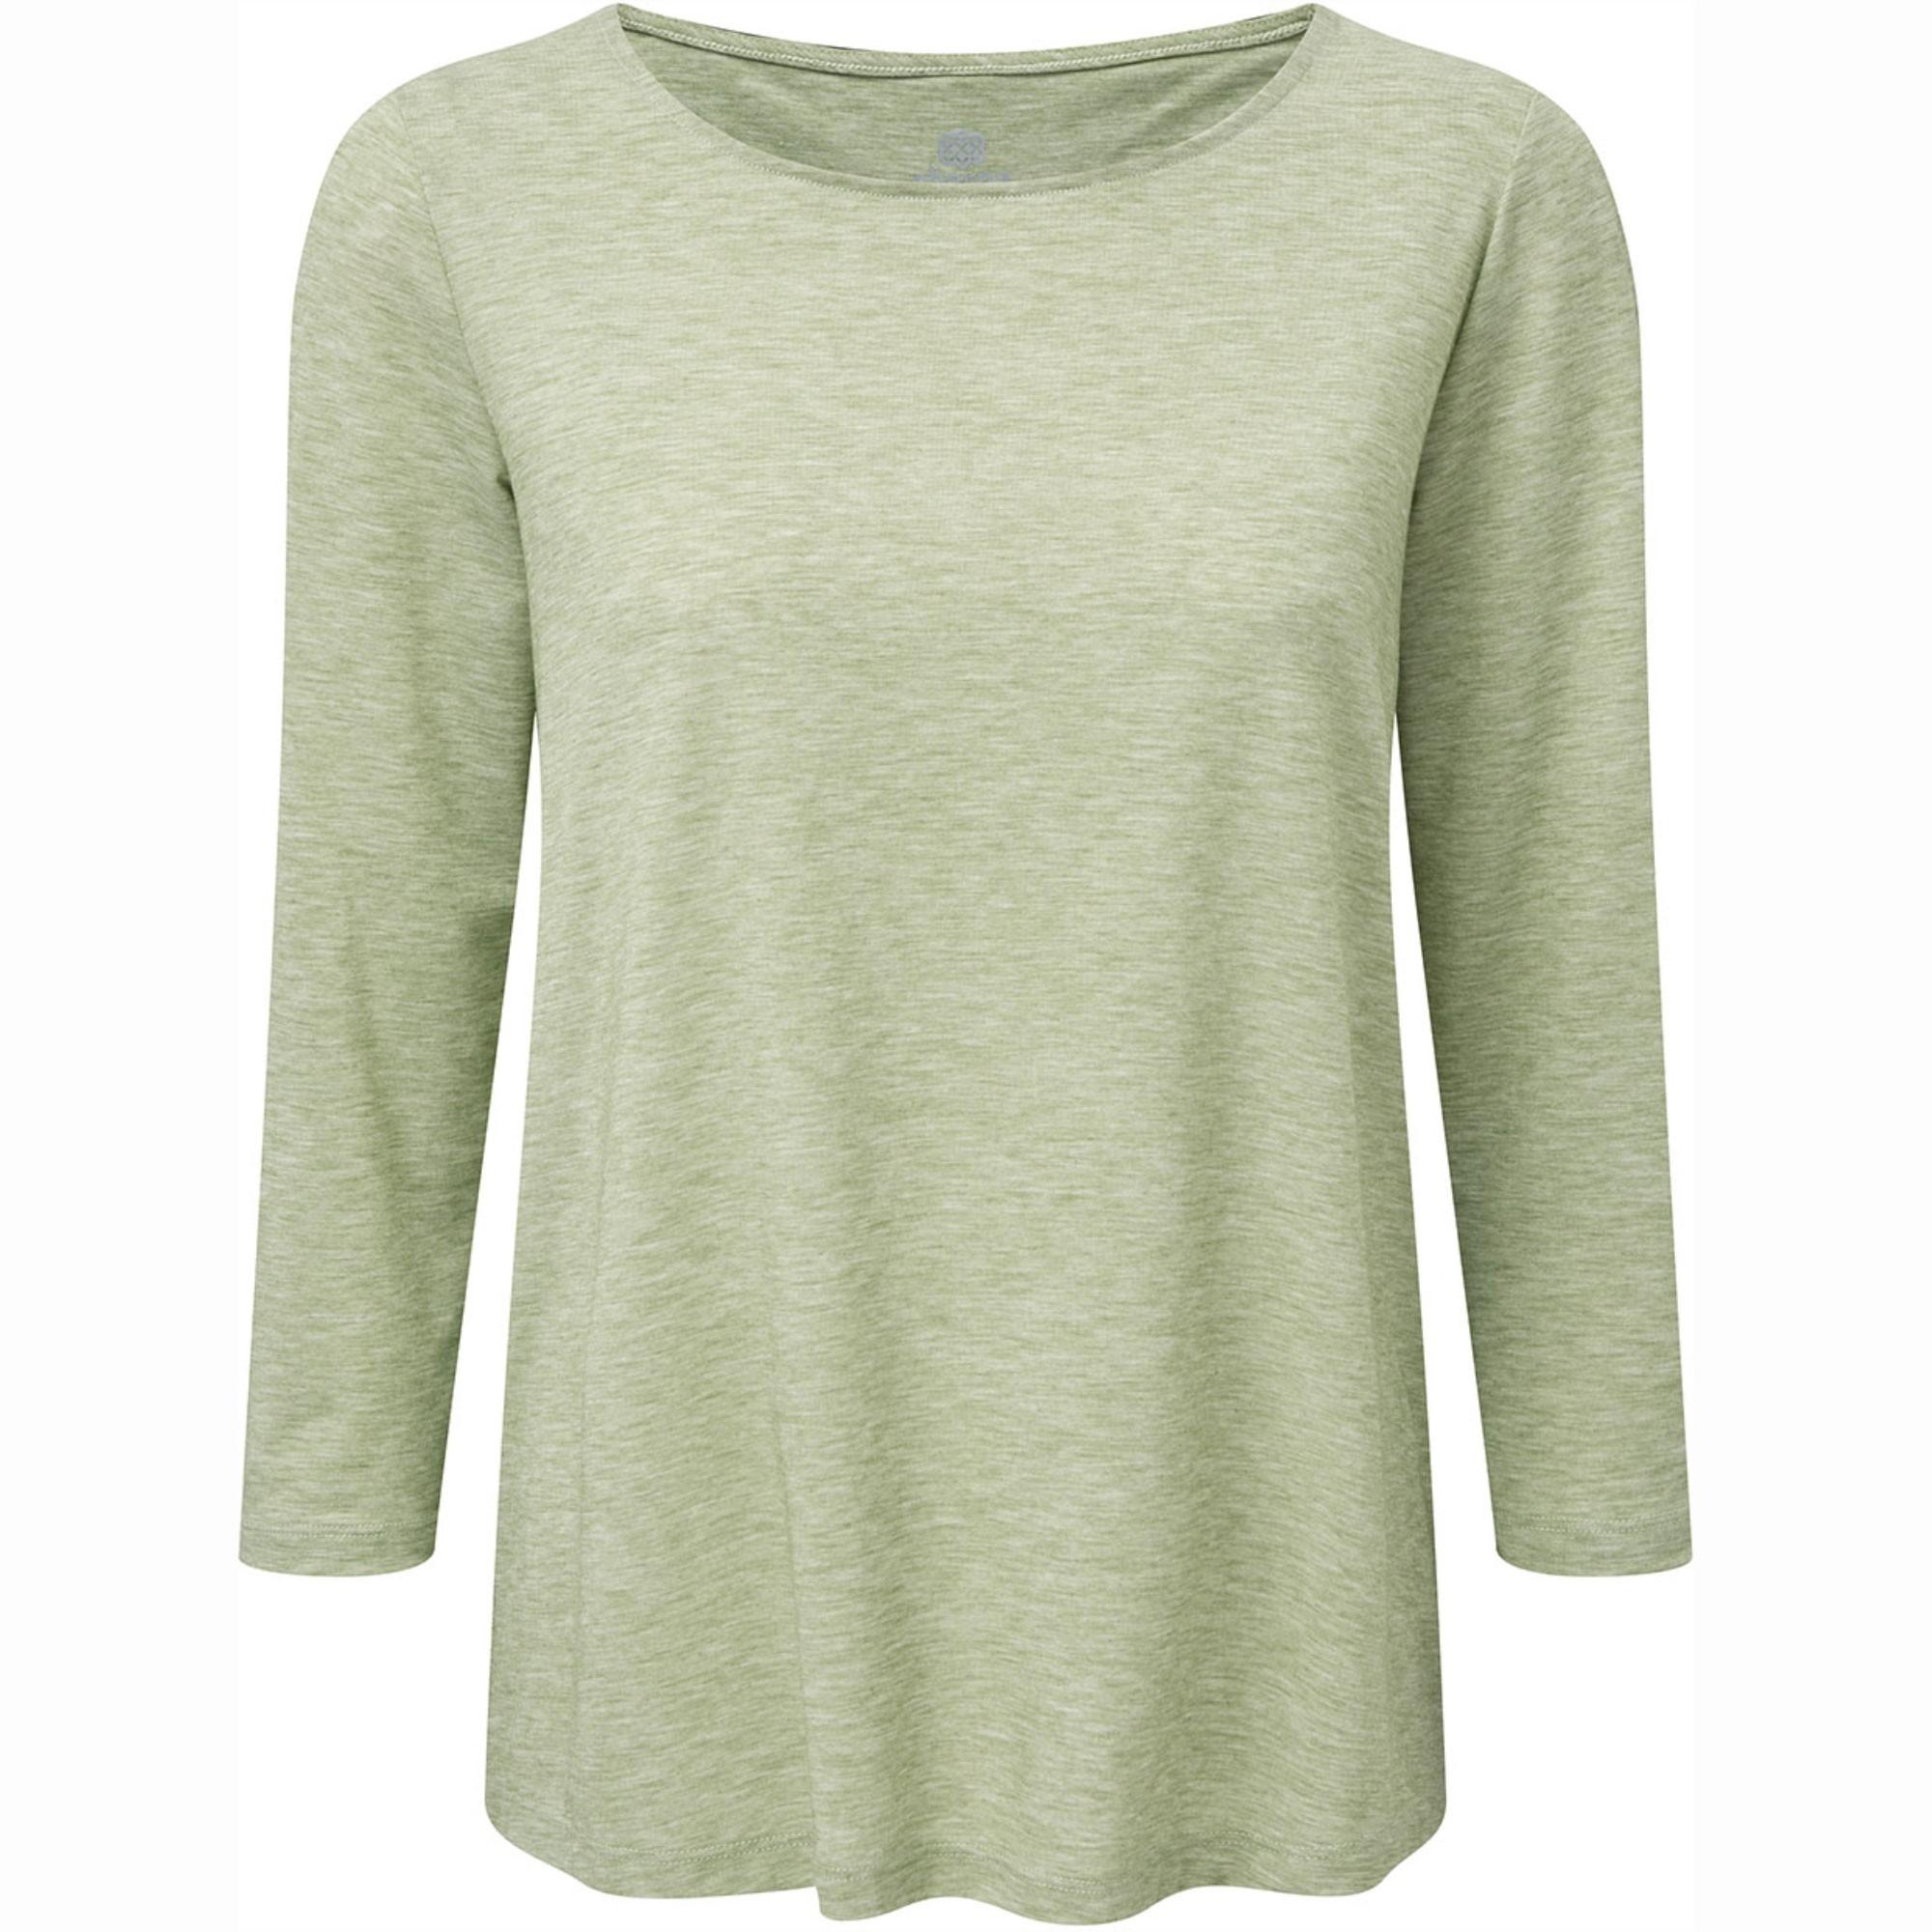 SHERPA - Asha Women's ¾ Knit Top - Gokarna Green